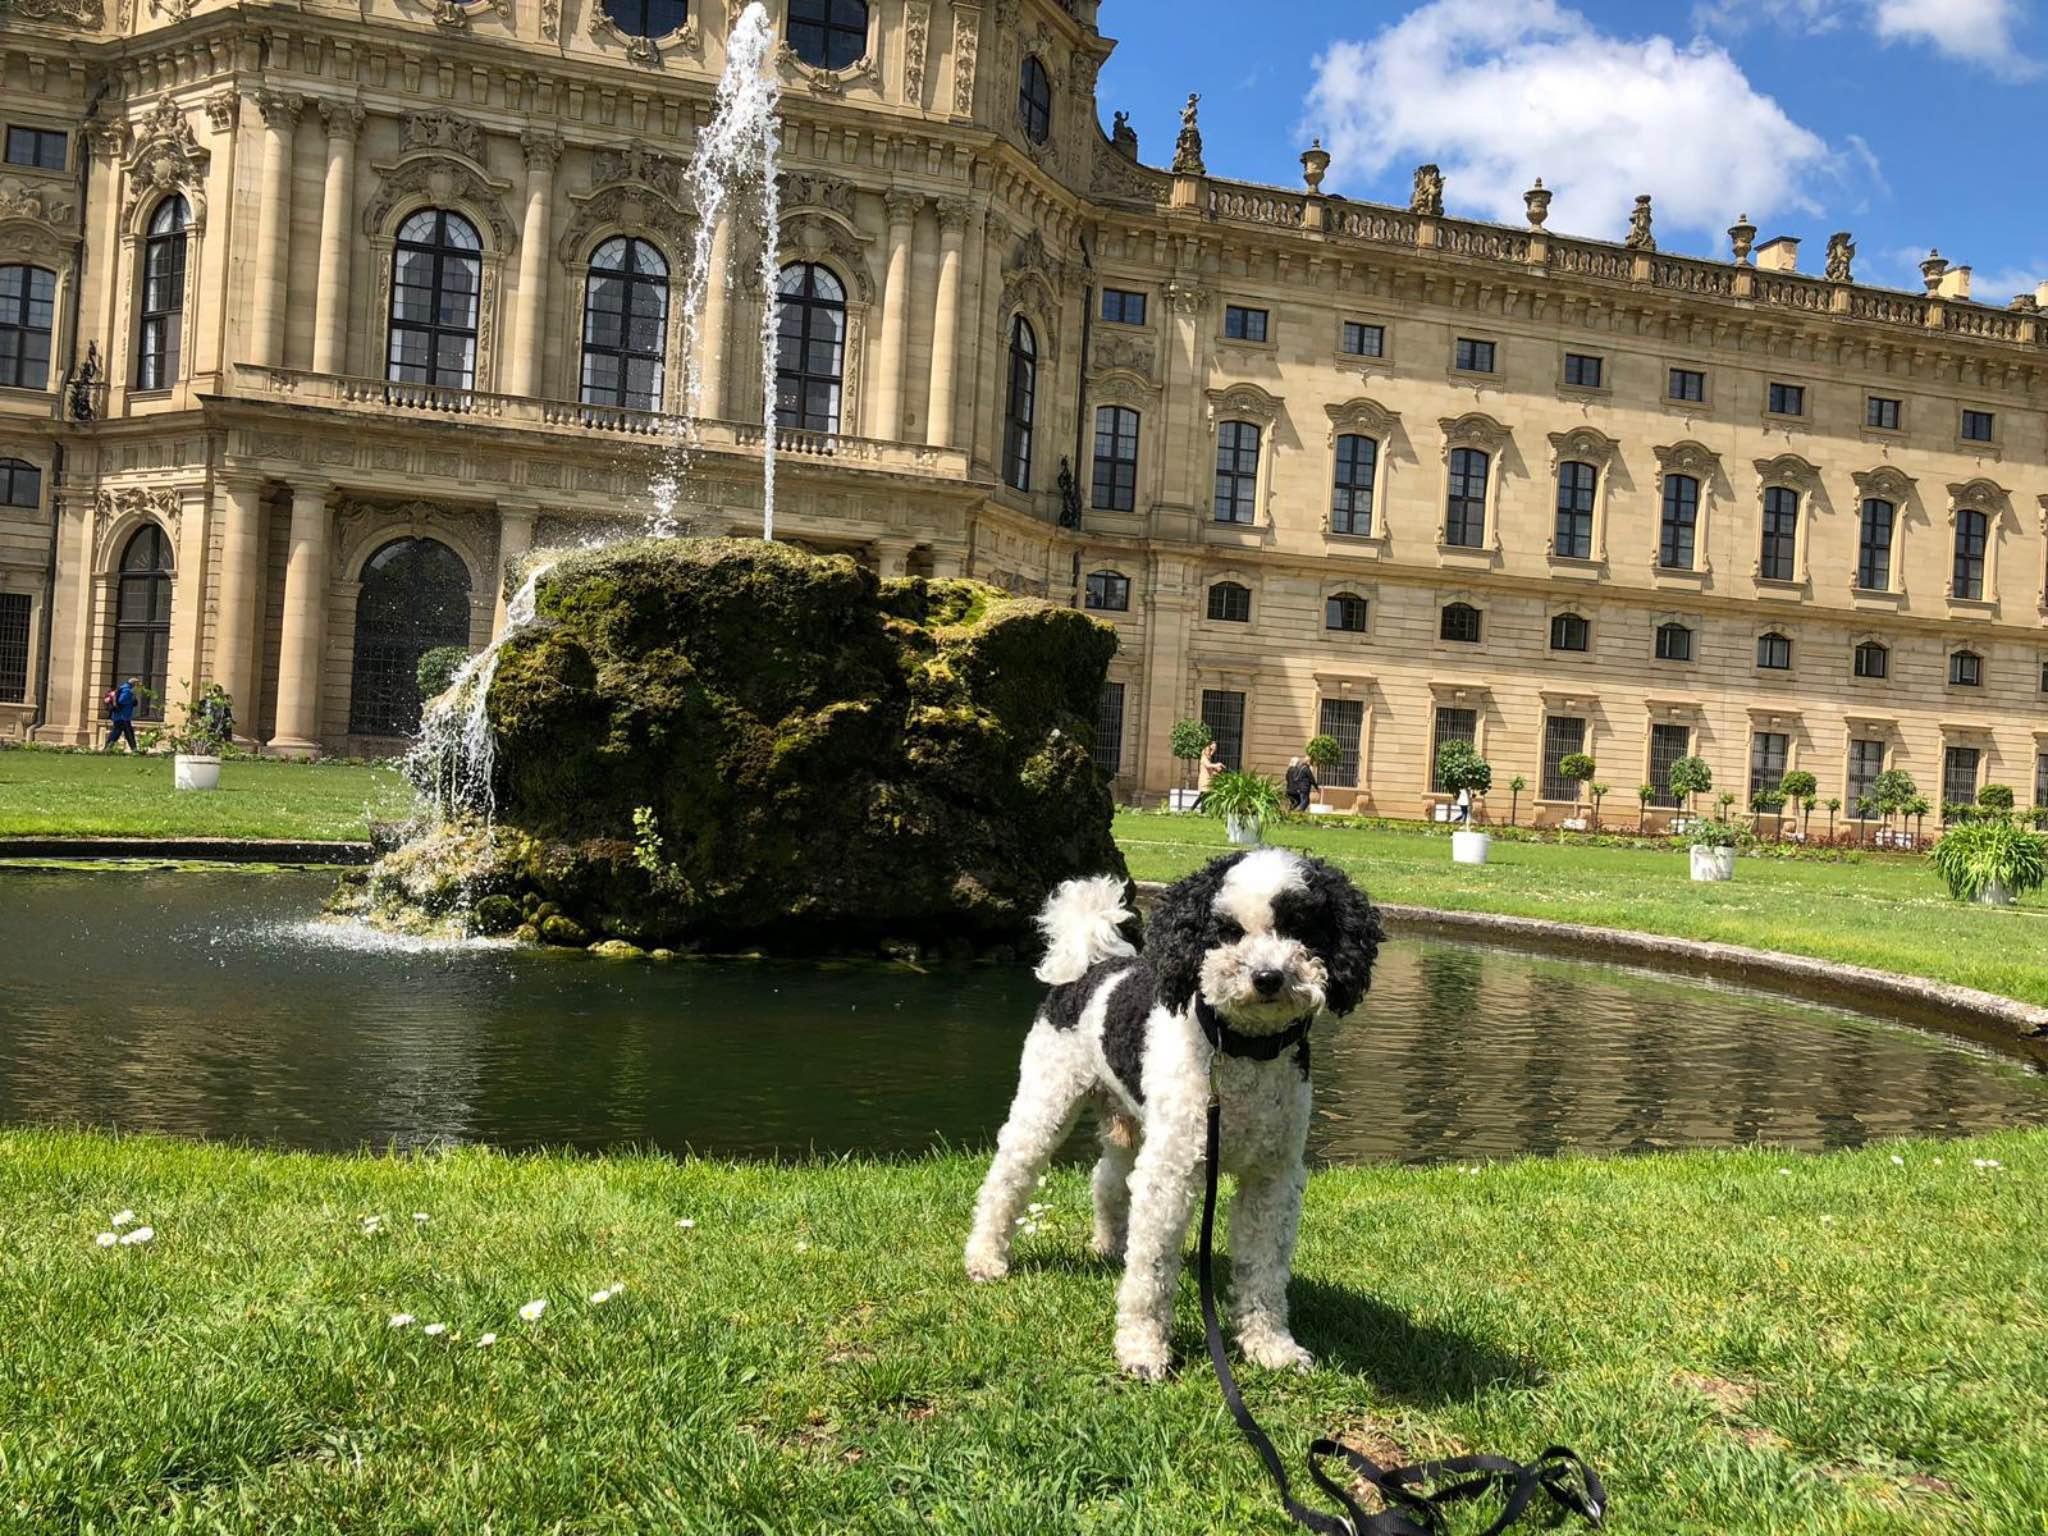 In Würzburg herrscht durchgehend Leinpflicht. Auf 8 Freilaufflächen darf man den Hund frei laufen lassen. Foto: Annika Betz.